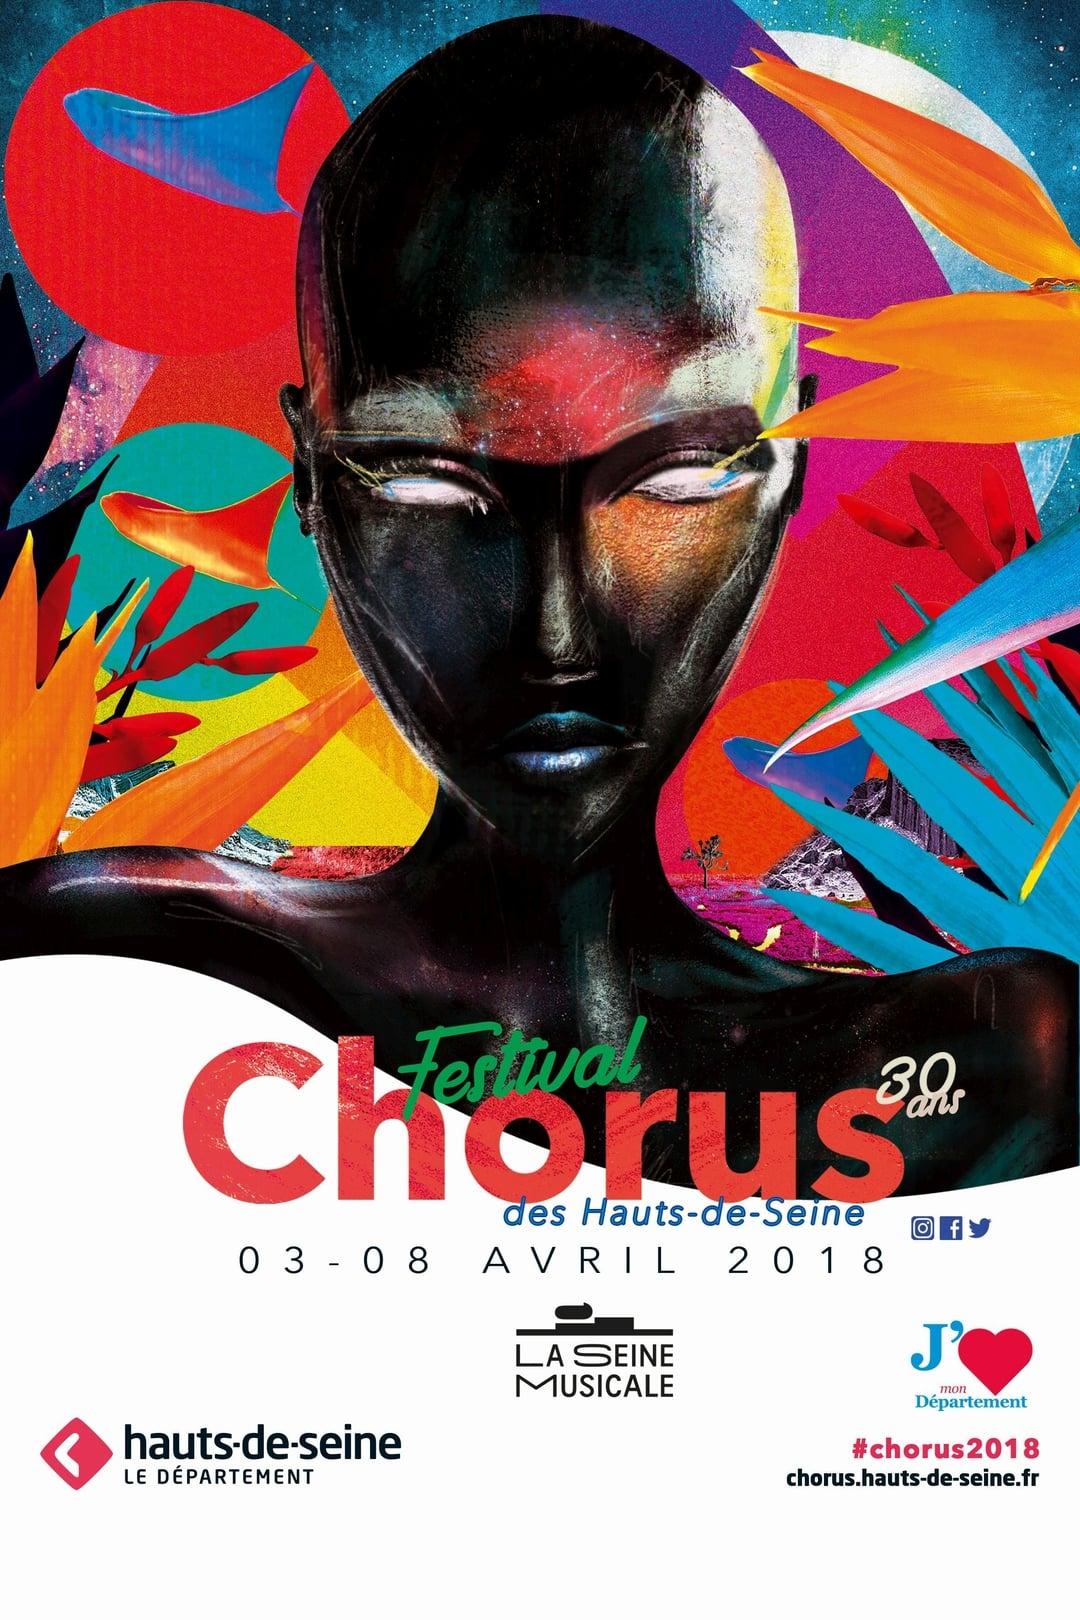 Festival Chorus des Hauts-de-Seine 2018 affiche